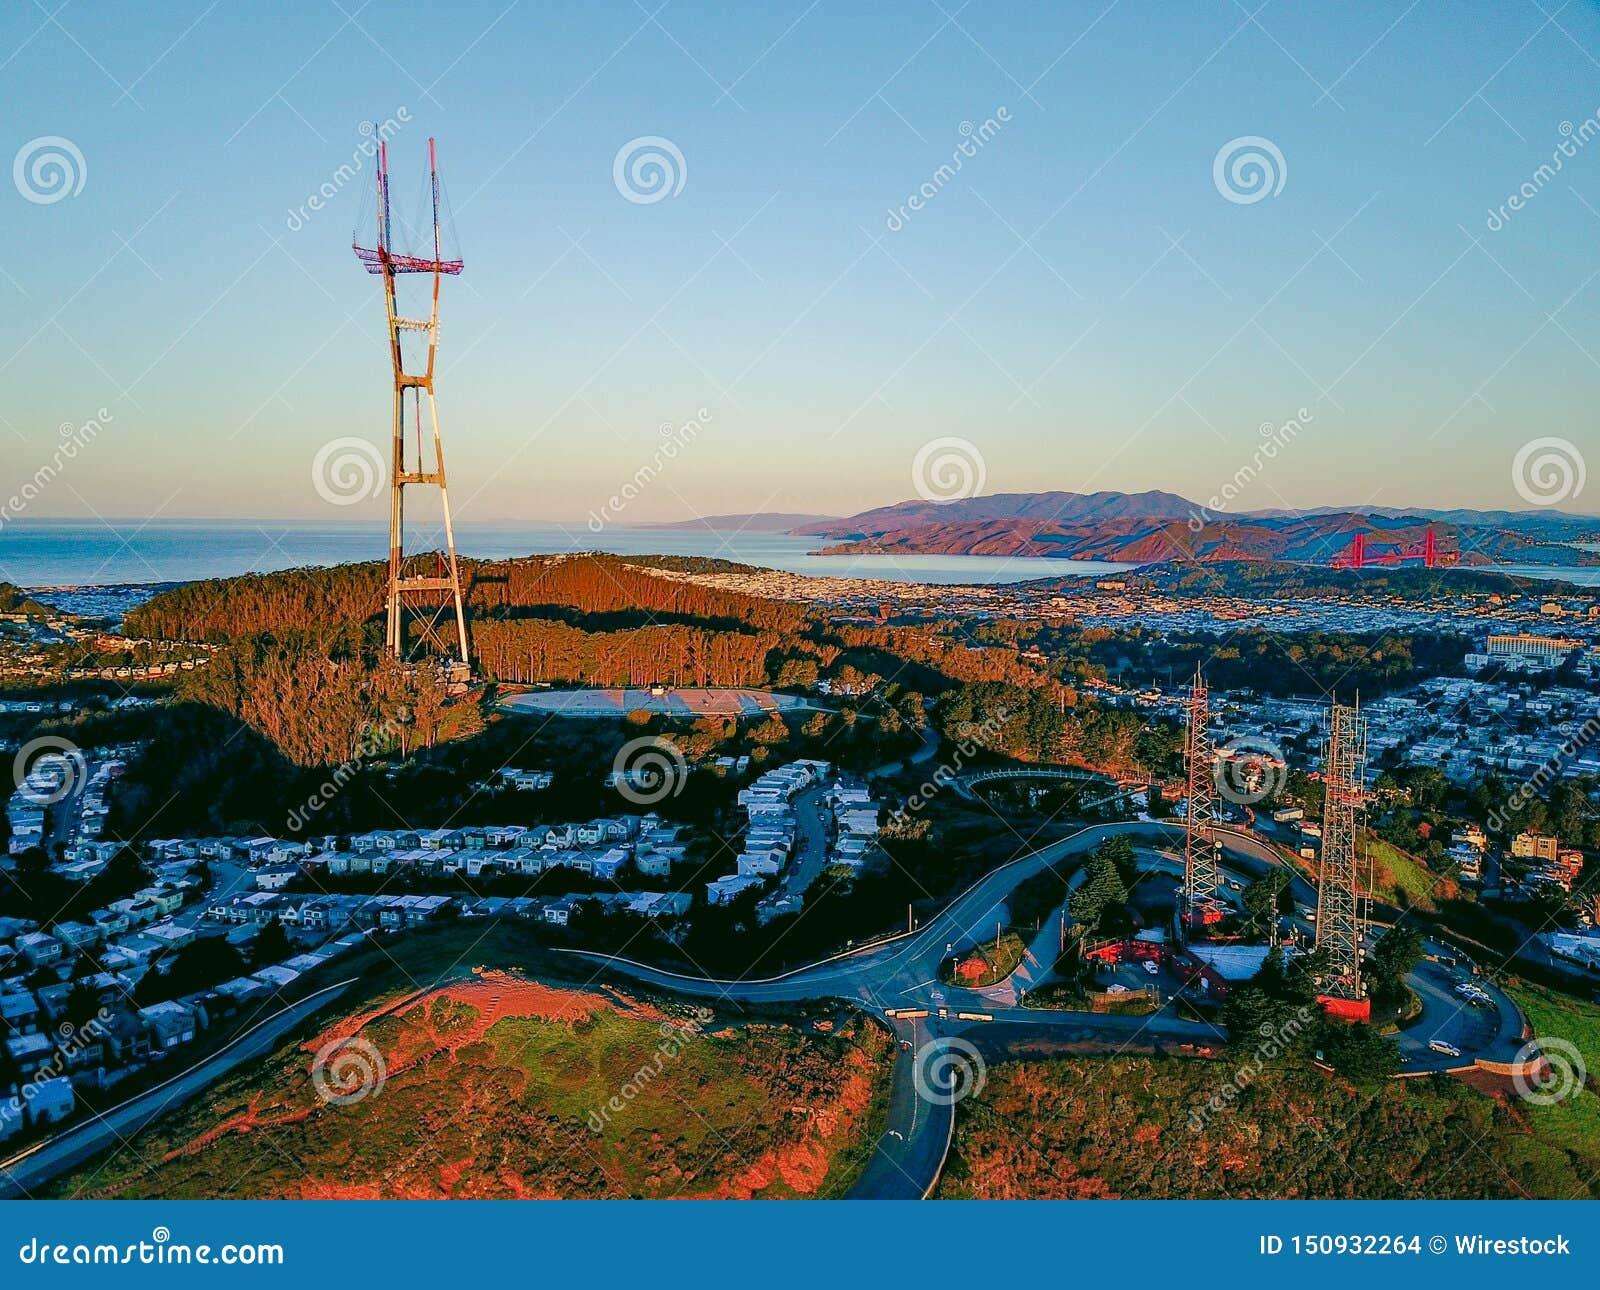 Beau point de repère avec des maisons et une tour de cellules haut en métal sur une colline